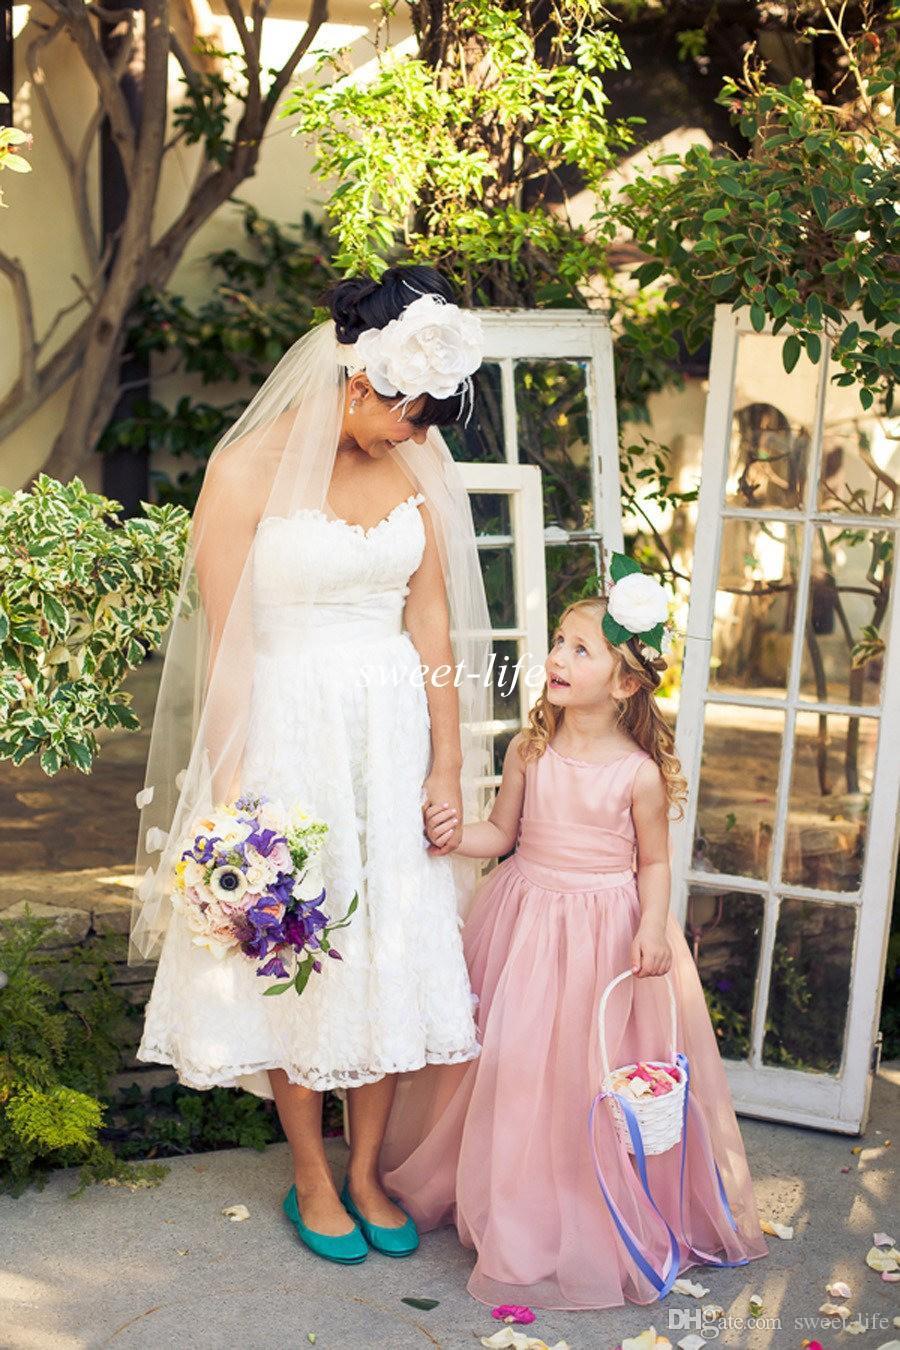 2019 Sevimli Çiçek Kız Elbise Düğün İçin Allık Organze Kanat Bow Jewel A-Line Kat Uzunluk Ucuz Çocuklar Örgün Elbise Genç Nedime Elbisesi